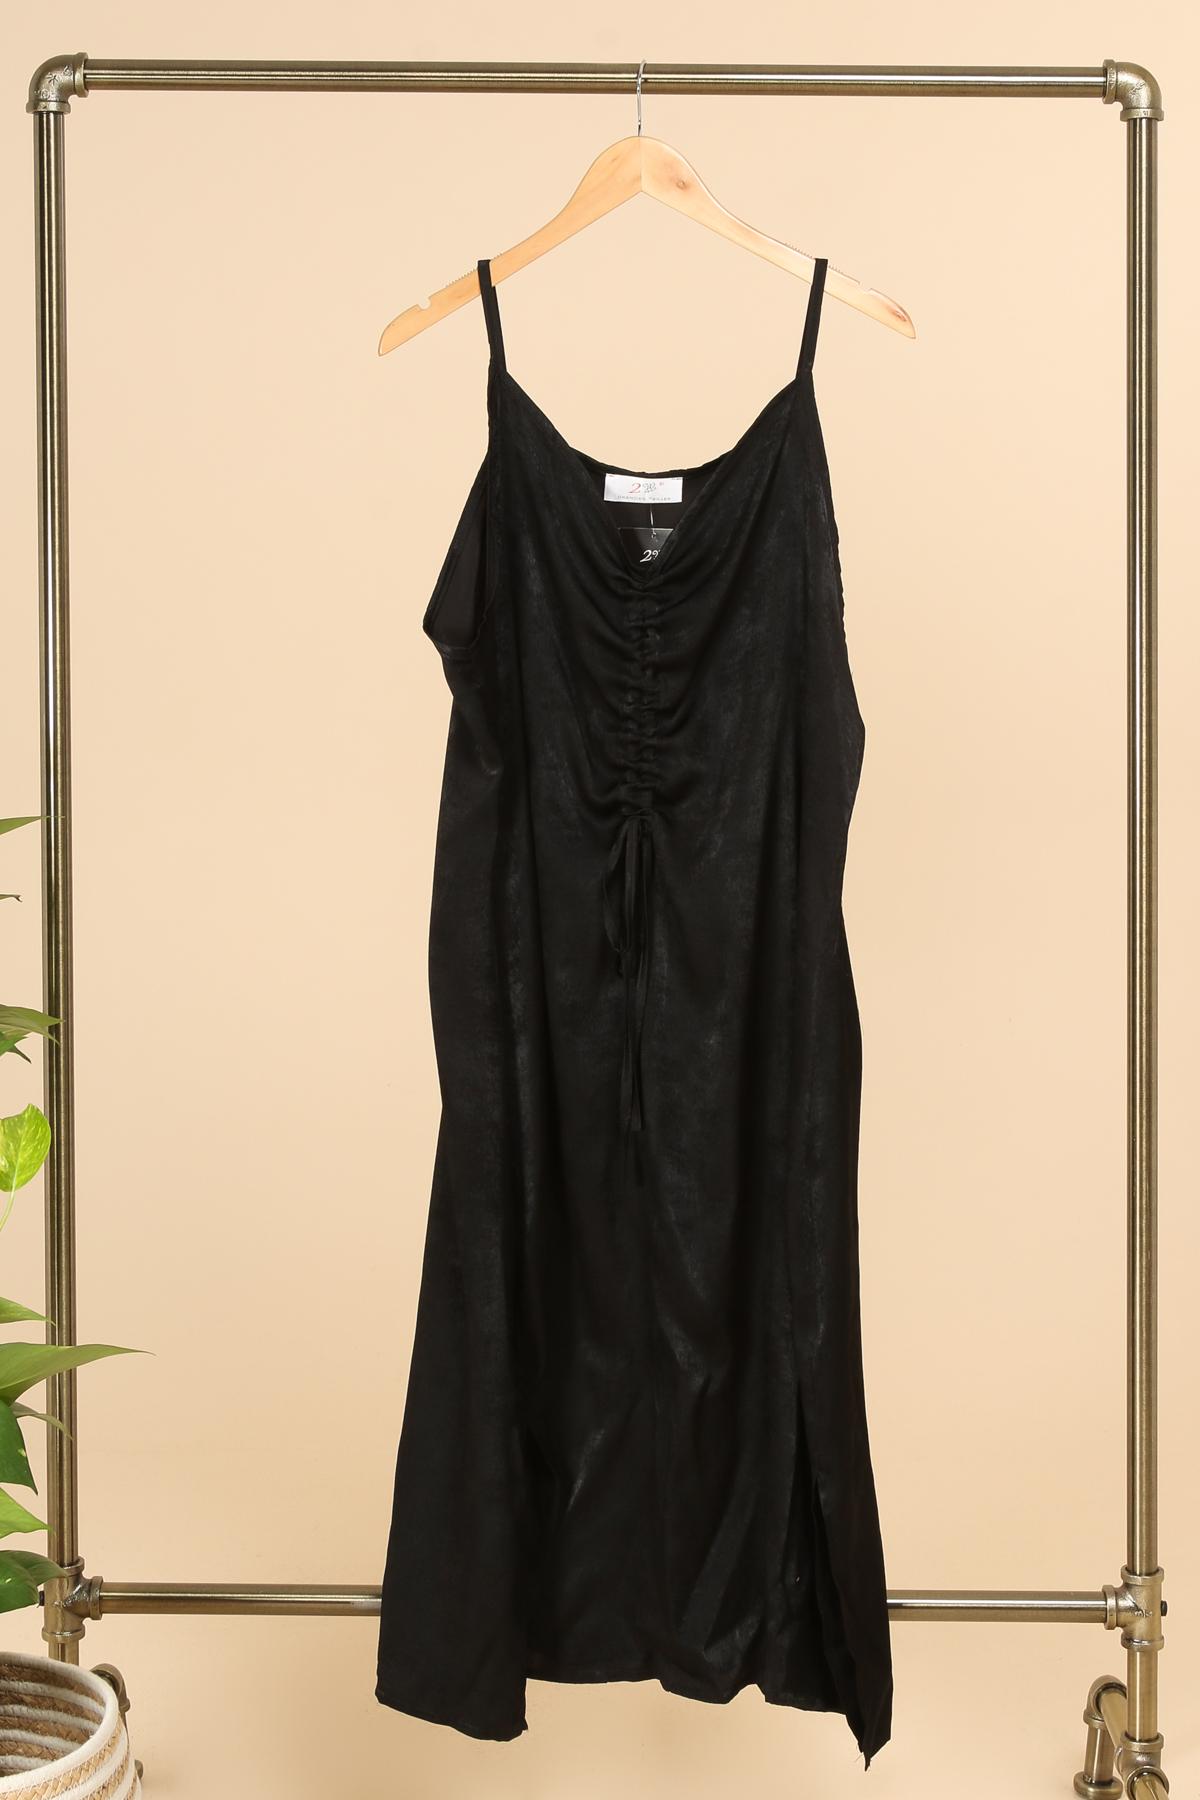 robe grande taille fete marque 2w paris noir r1358